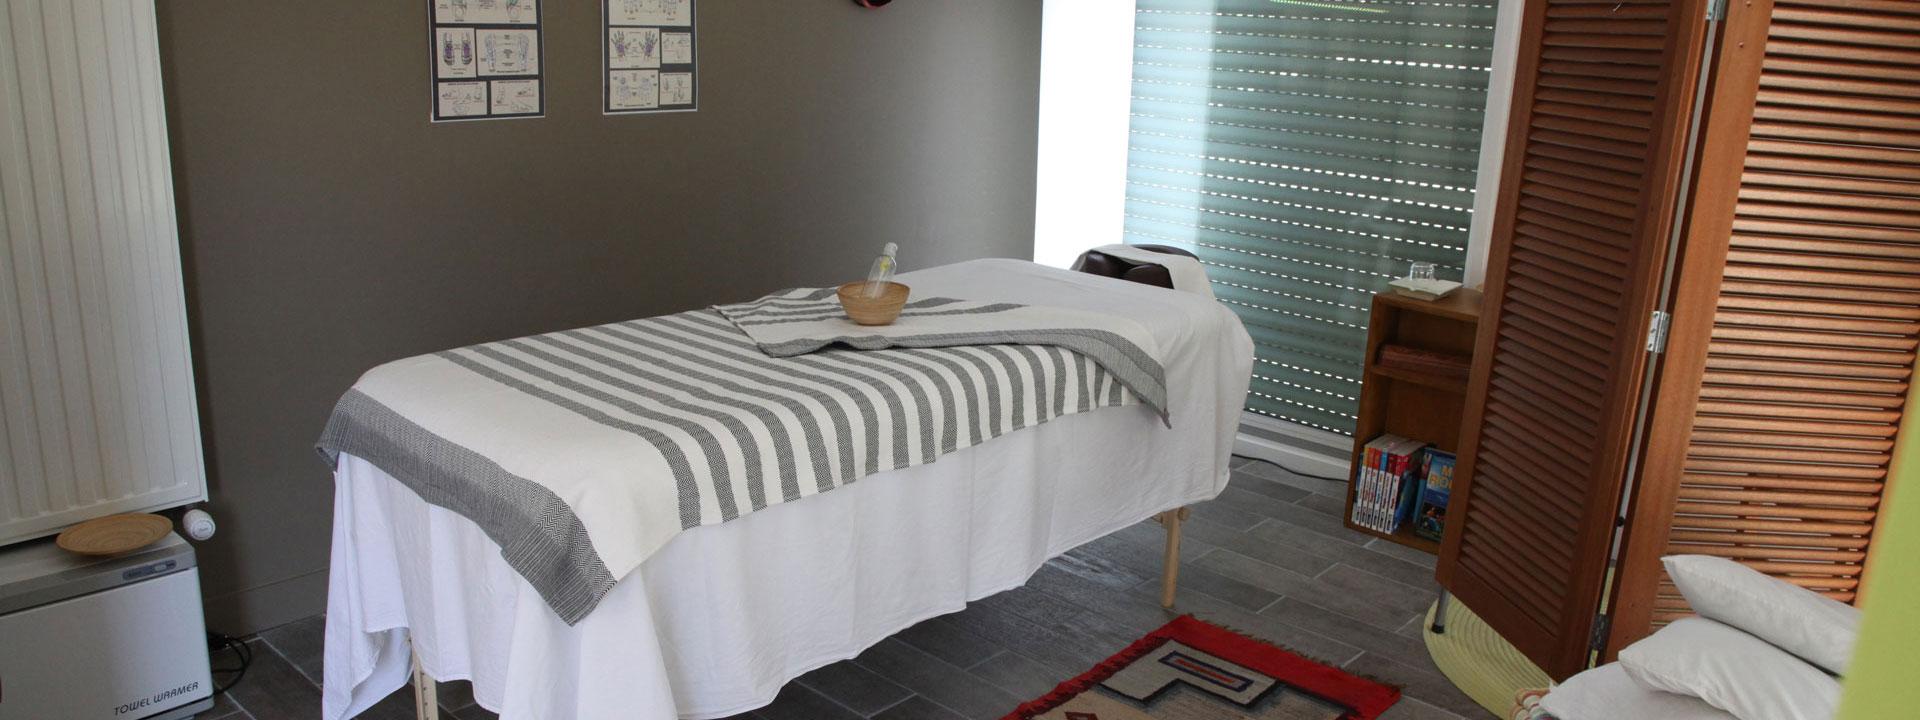 Salon de Massage Professionnel Orléans